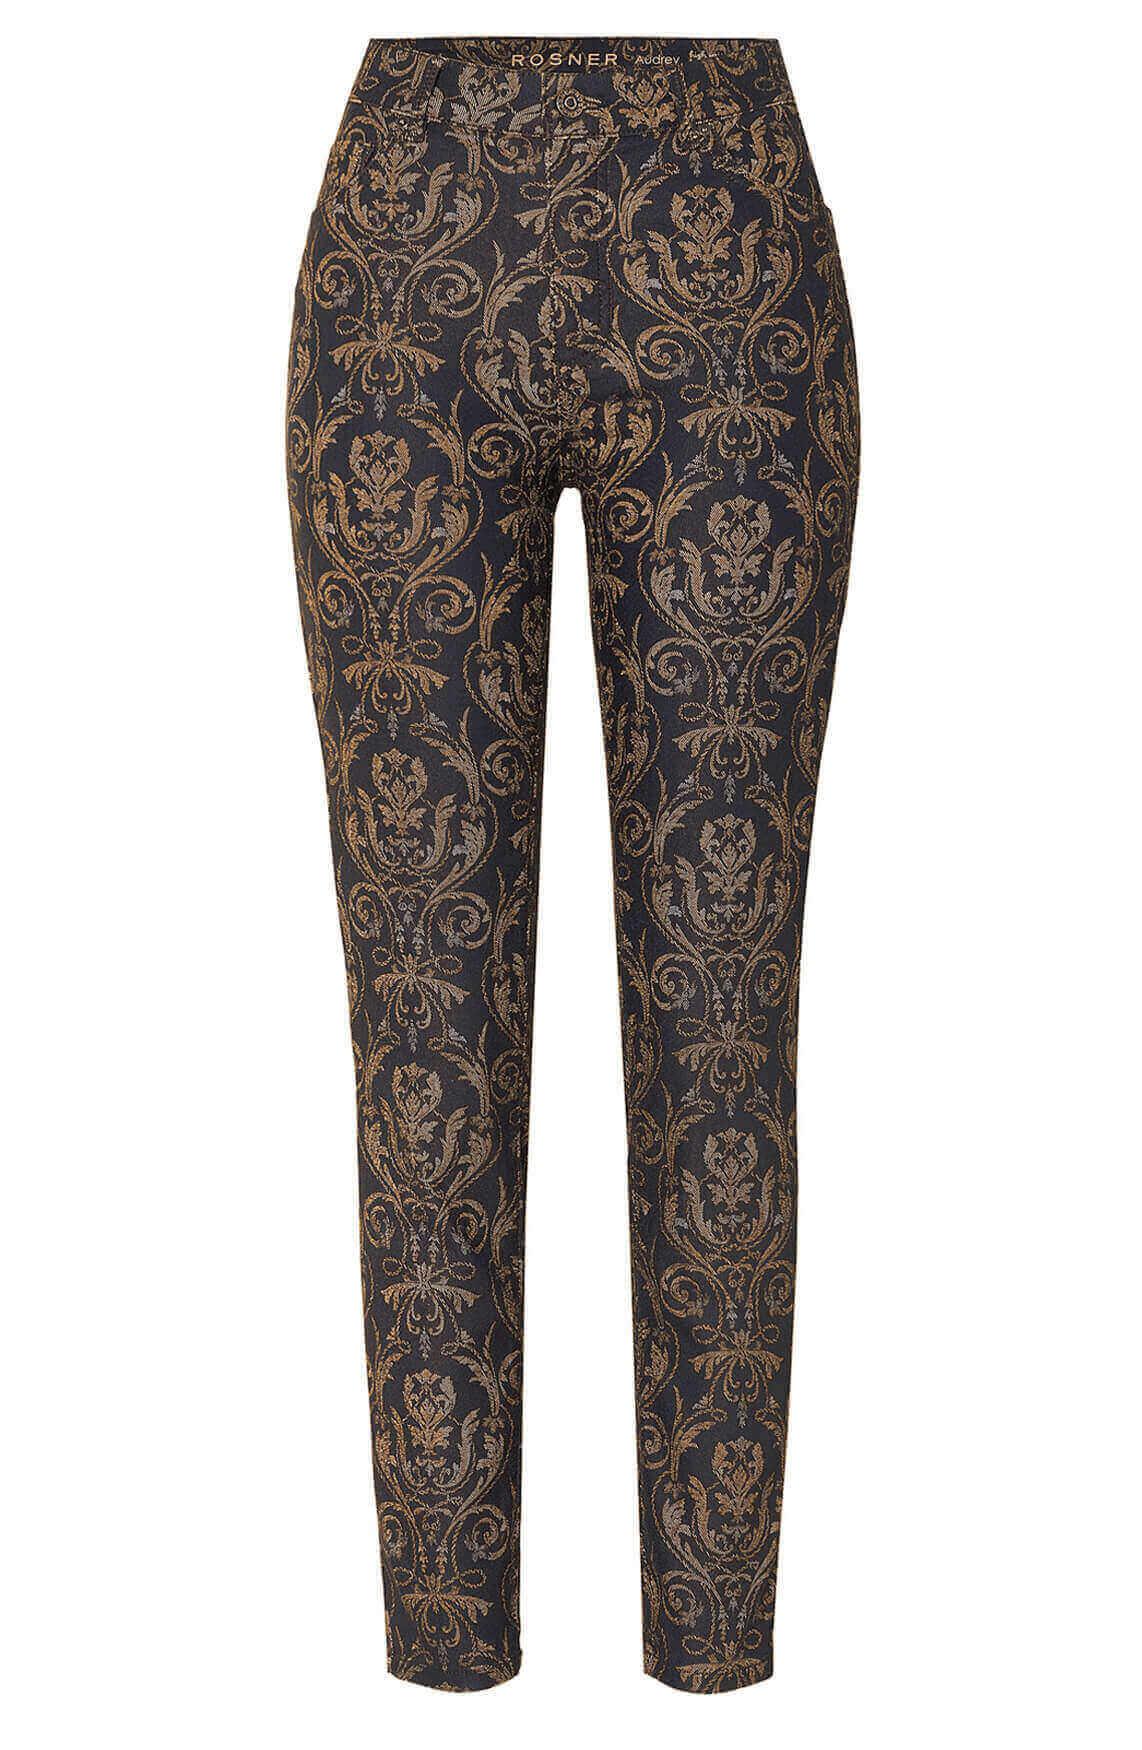 Rosner Dames L30 Audrey broek met print Bruin